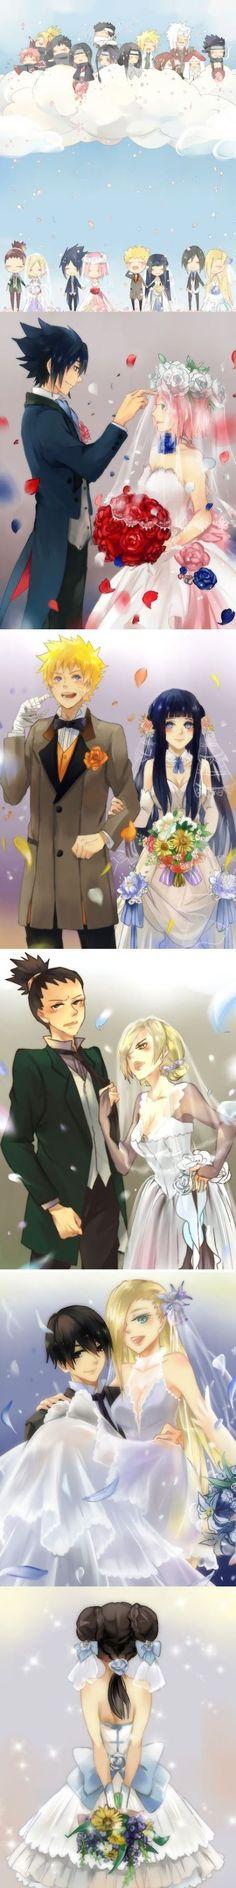 NARUTO SHIPPUDEN, Naruto/Hinata, Sasuke/Sakura, Shikamaru/Temari, Sai/Ino, Wedding